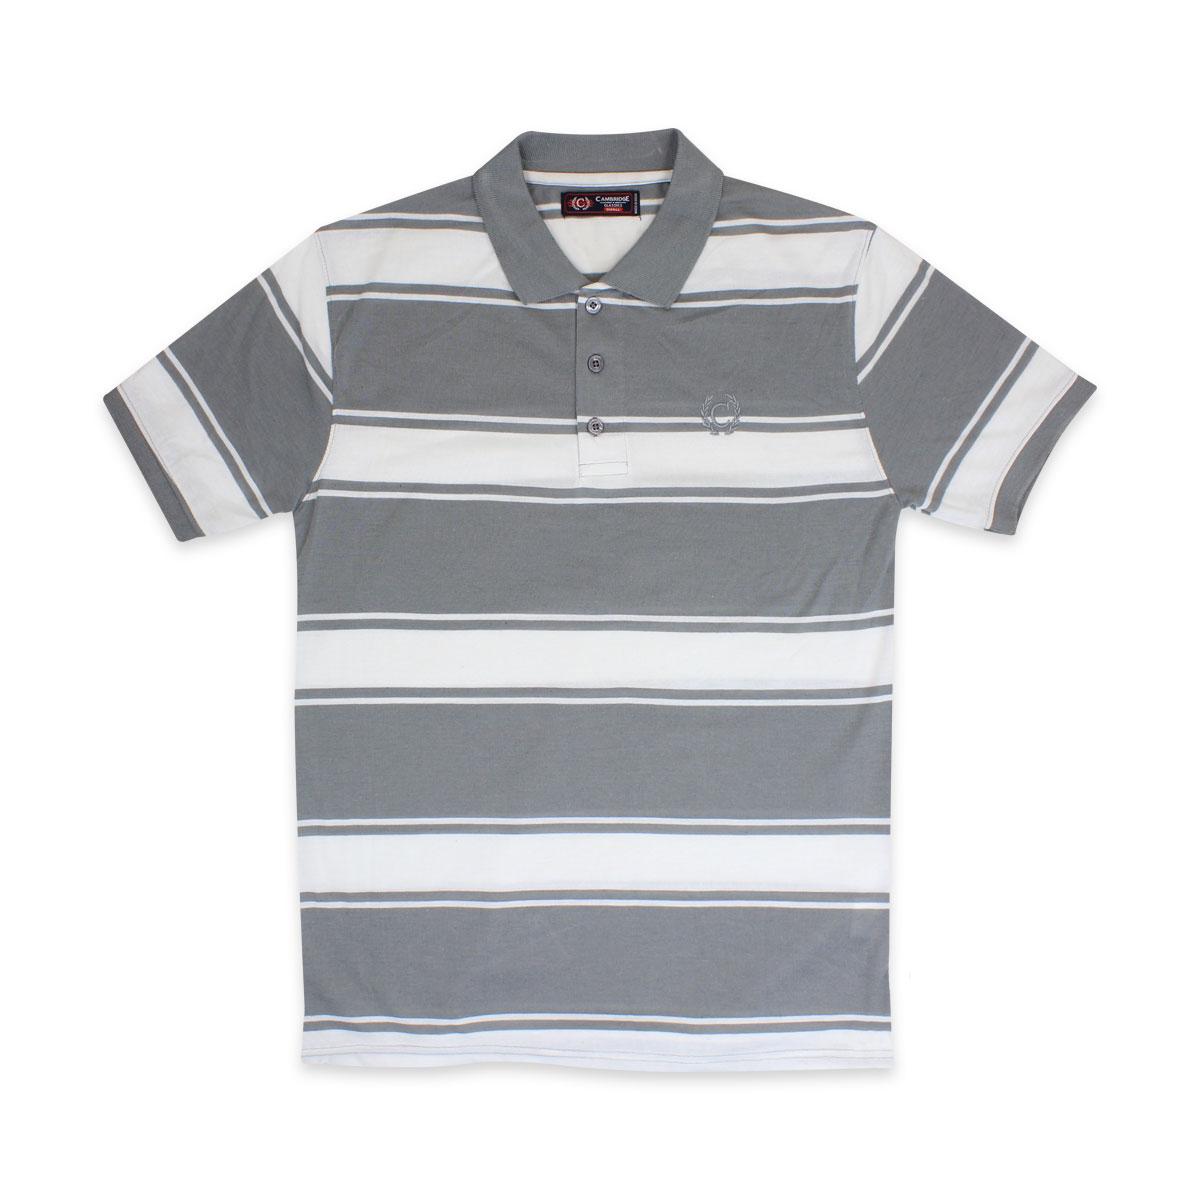 Camisas-Polo-Para-Hombre-A-Rayas-Pique-Con-Cuello-camiseta-Camiseta-Manga-Corta-De-Verano-S-M-L-XL miniatura 62